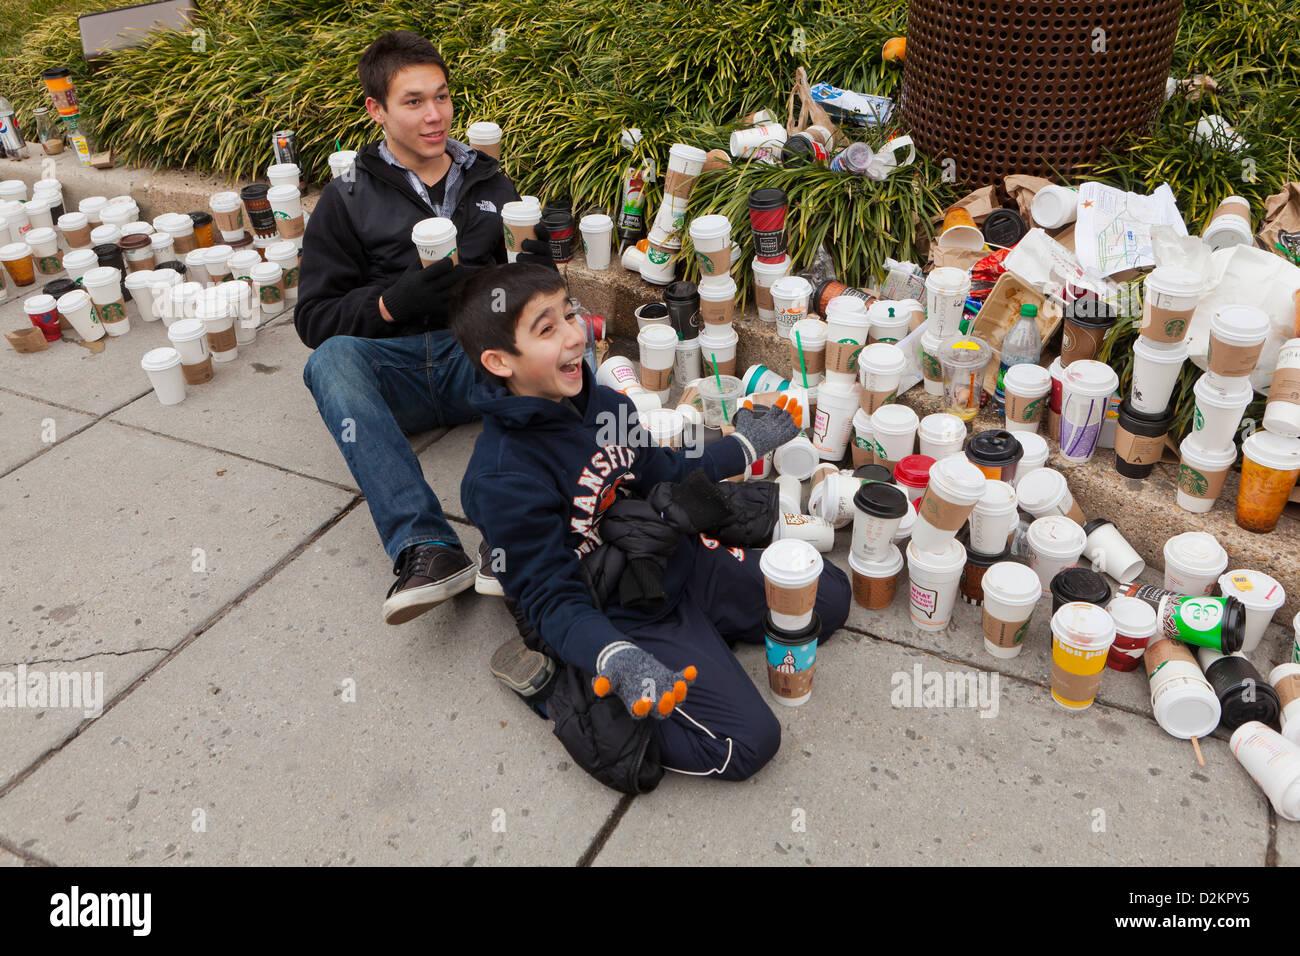 Große Haufen von ausrangierten Kaffeetassen auf öffentlichen Bürgersteig Stockbild